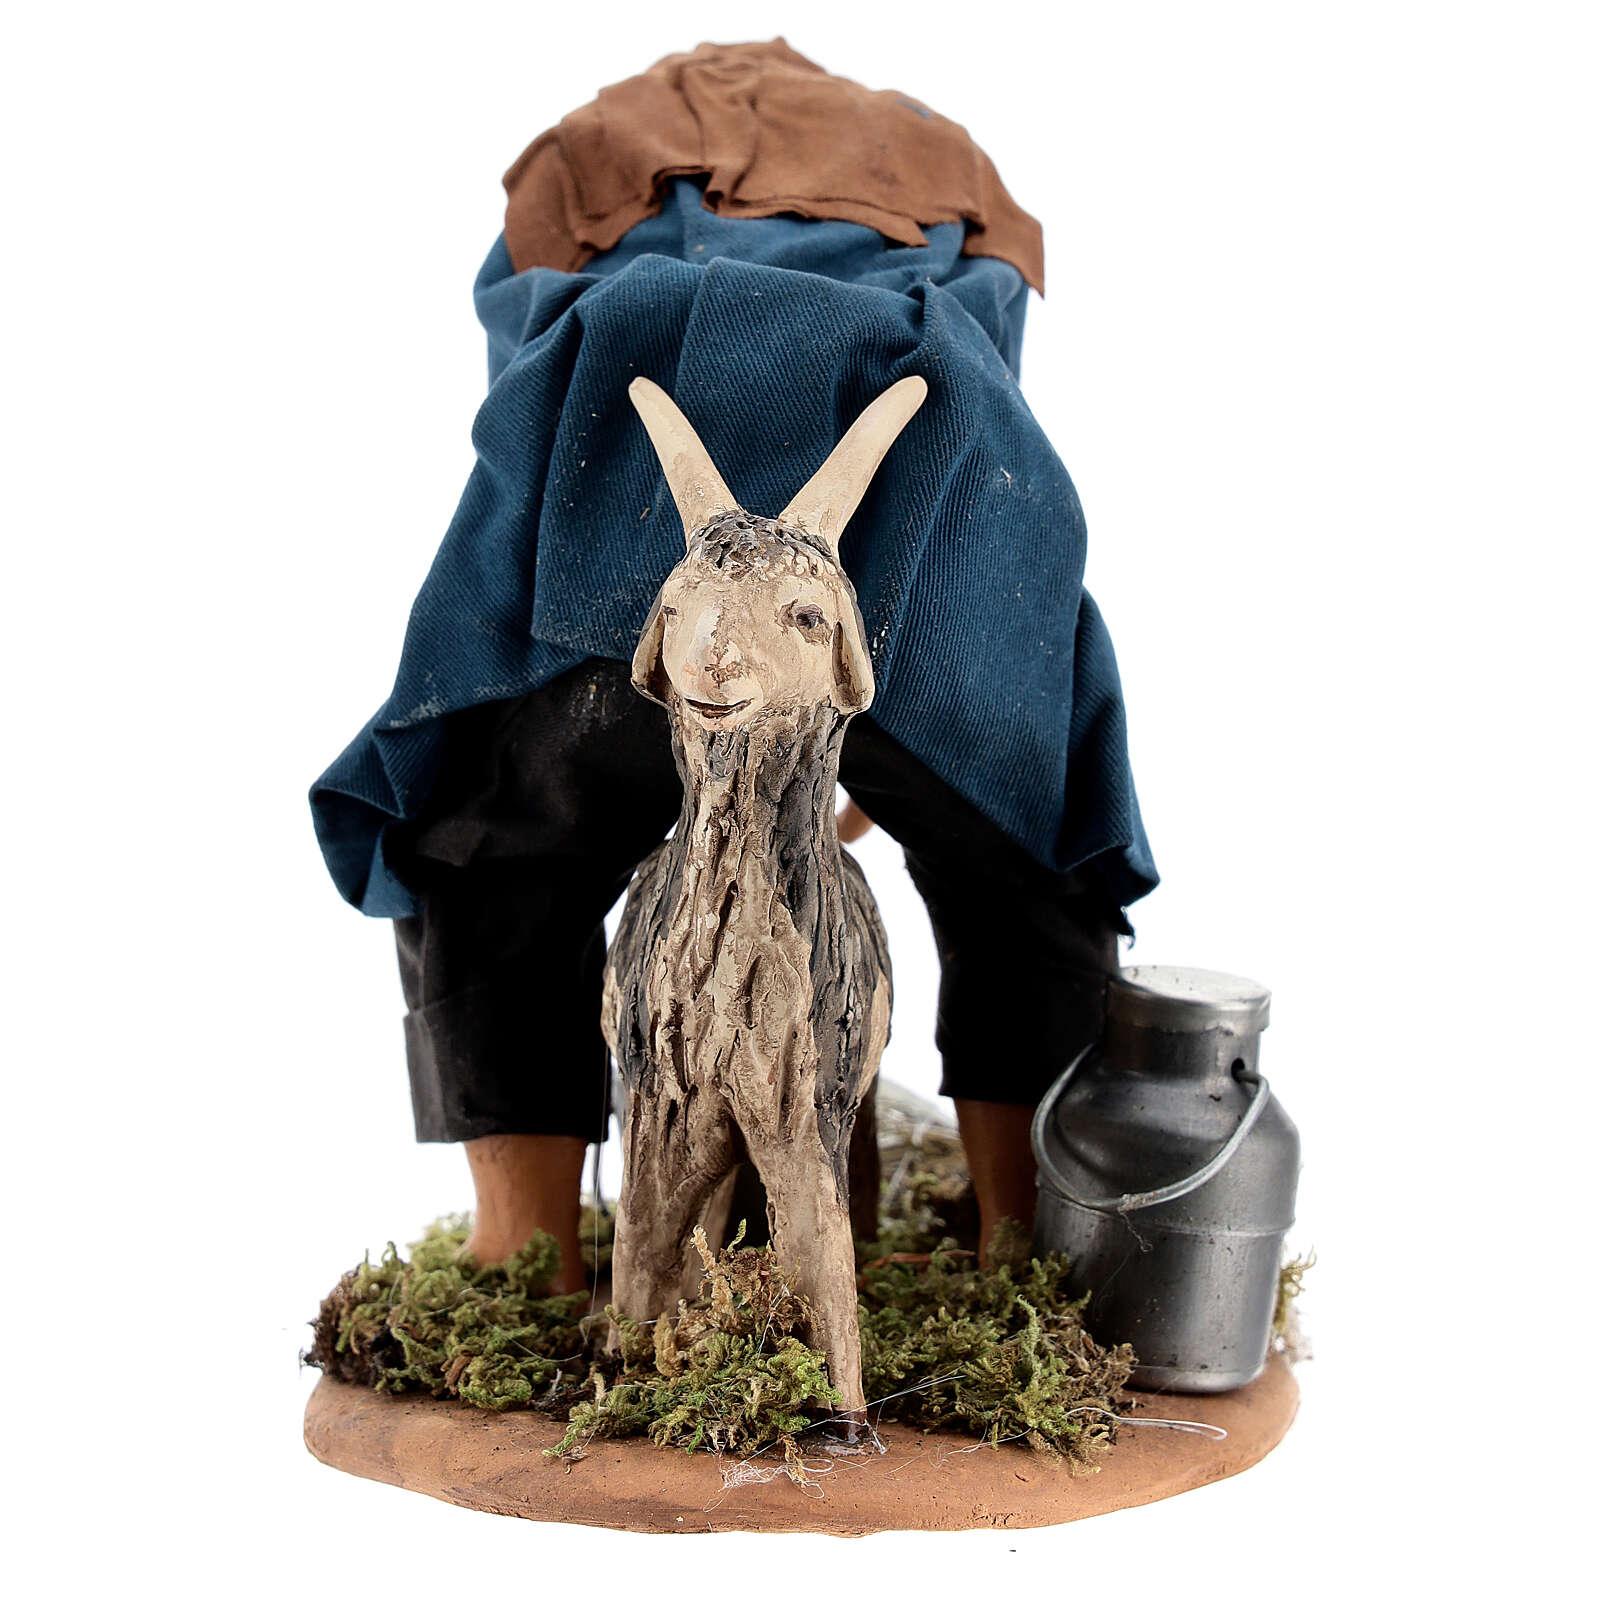 Pastor ordenhando cabra para presépio napolitano com figuras de altura média 15 cm 4